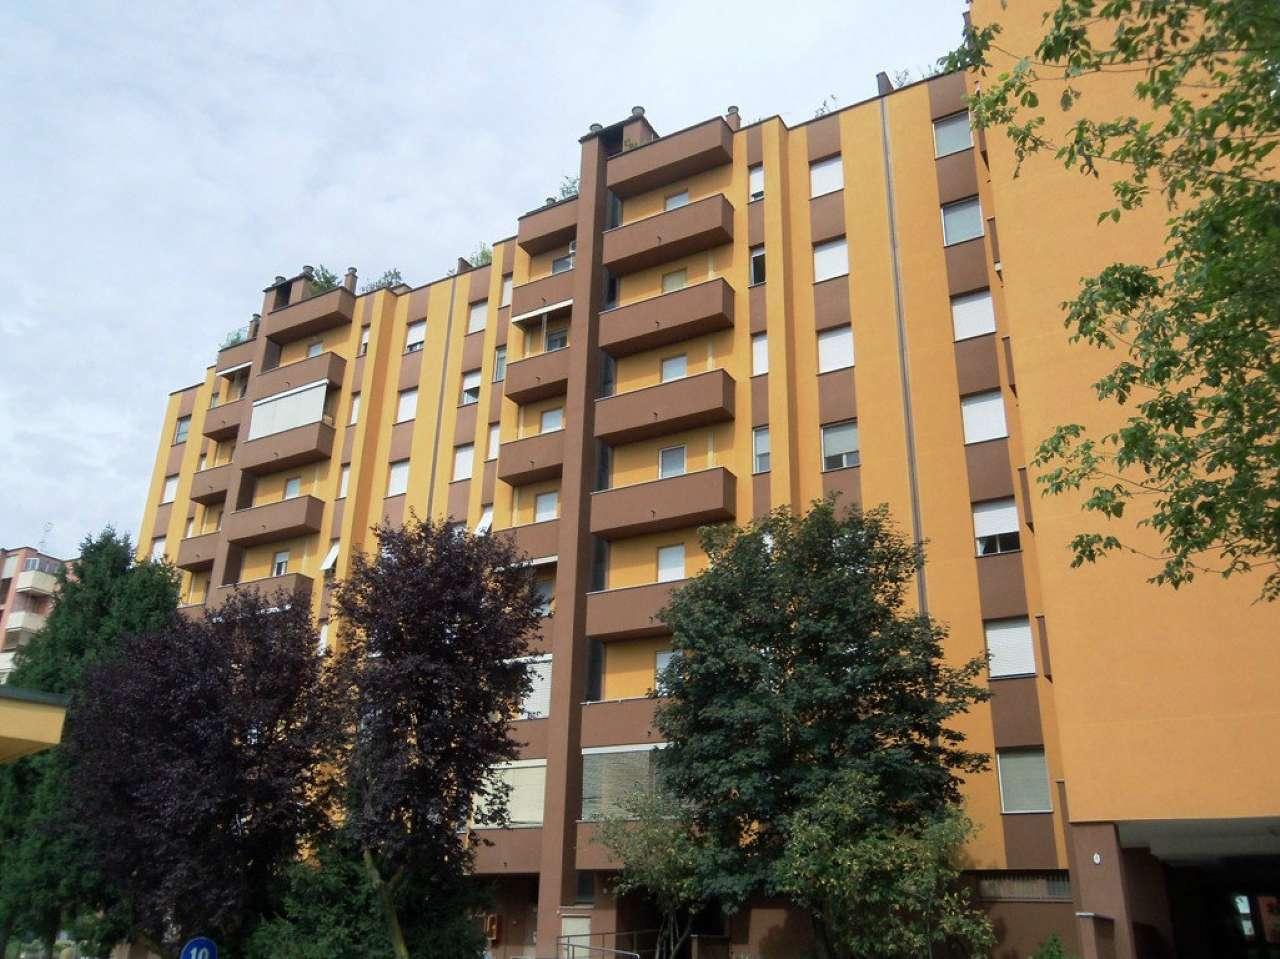 Appartamento in vendita a Settimo Milanese, 3 locali, prezzo € 208.000 | CambioCasa.it